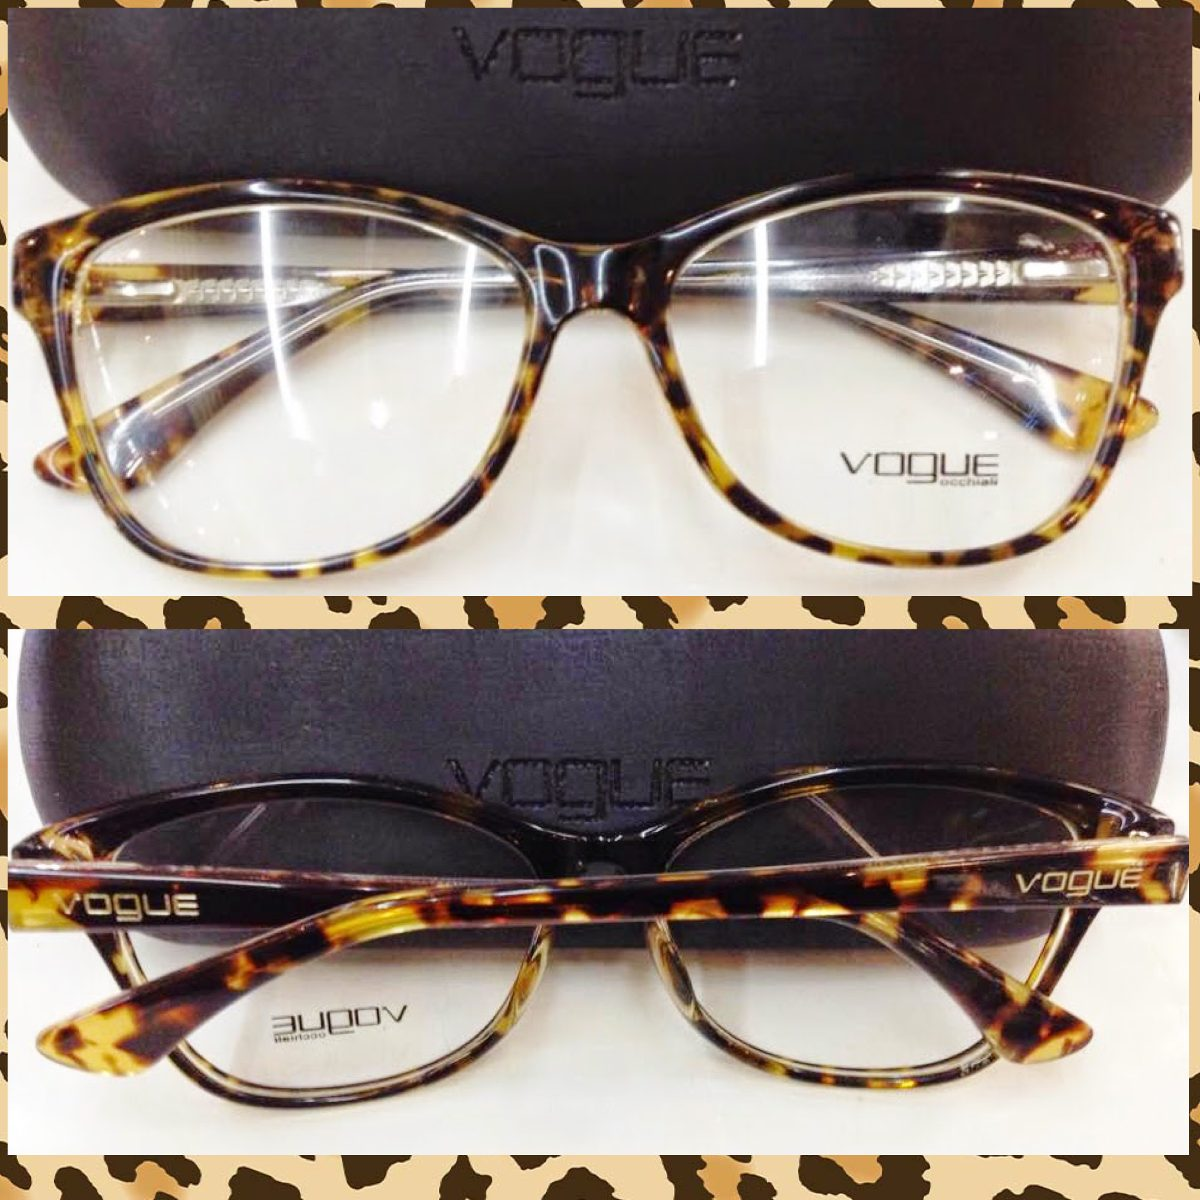 68a6c409fe4b9 armação vo2740 acetato tartaruga óculos estilo gatinho. Carregando zoom.